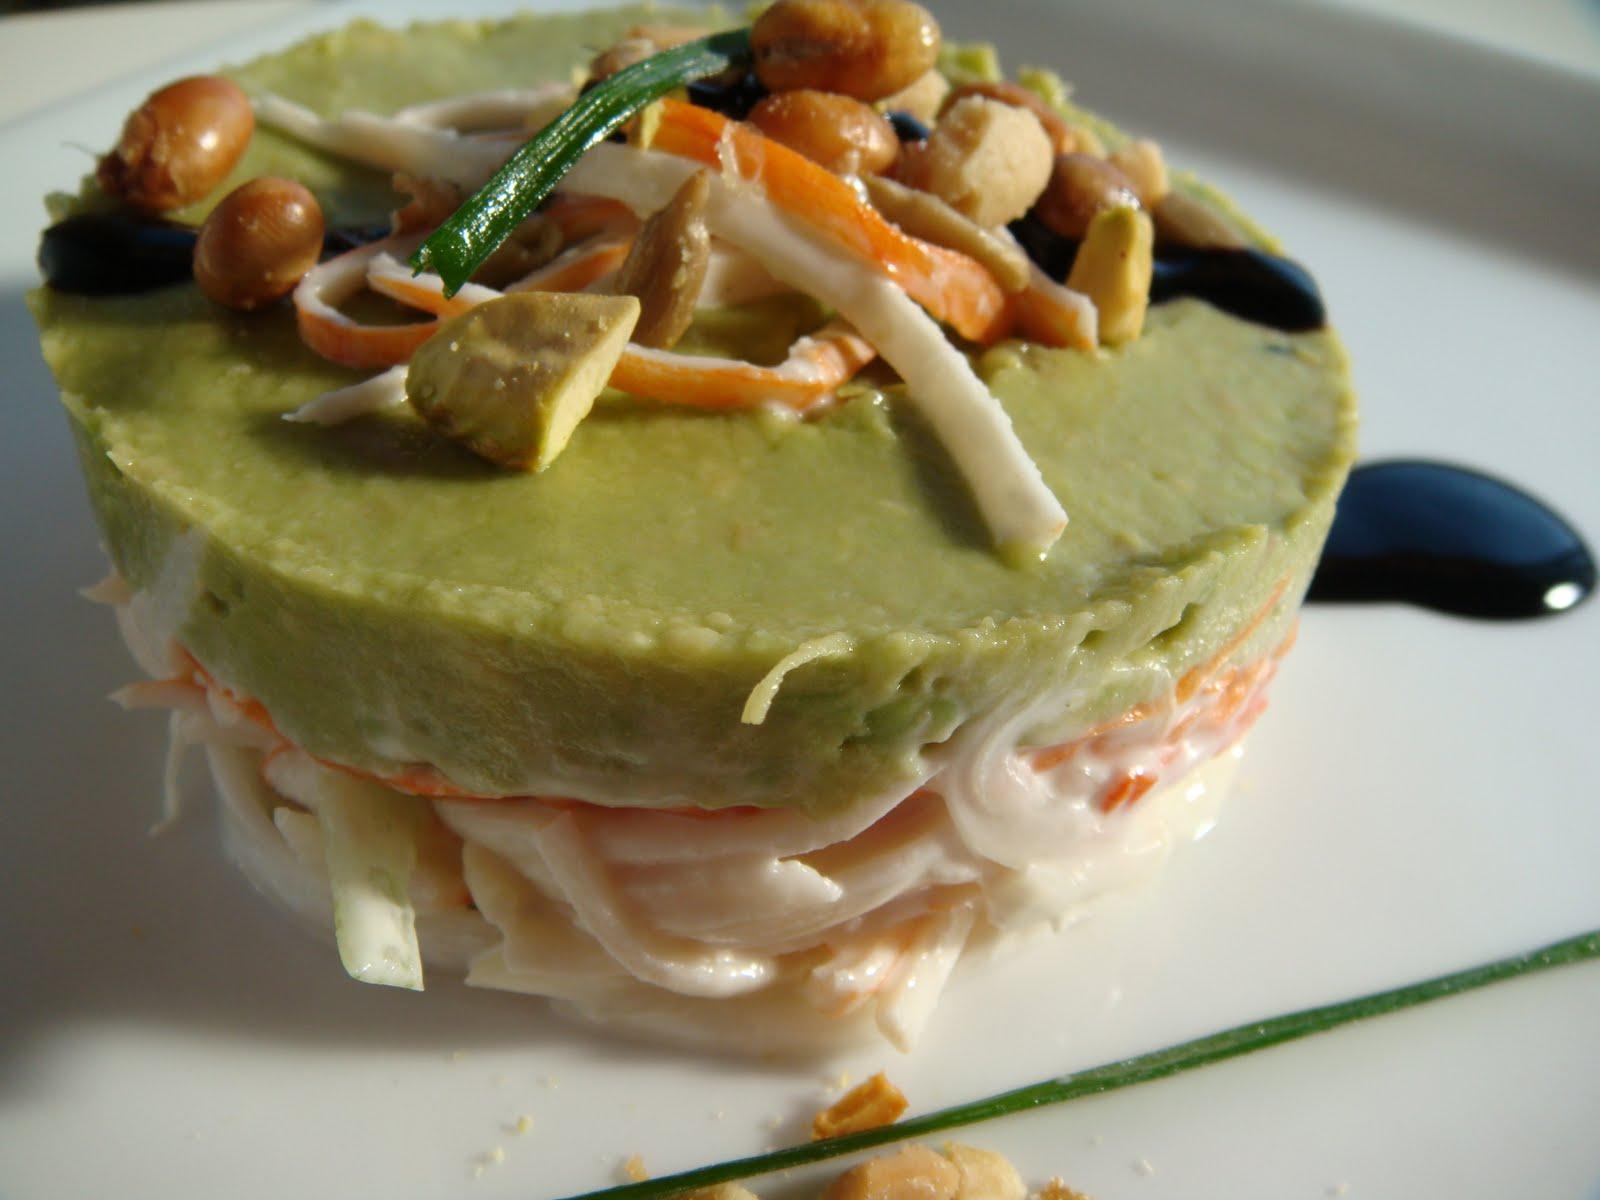 Cosas de loli primeros platos ensaladas y entrantes - Primeros platos faciles y originales ...